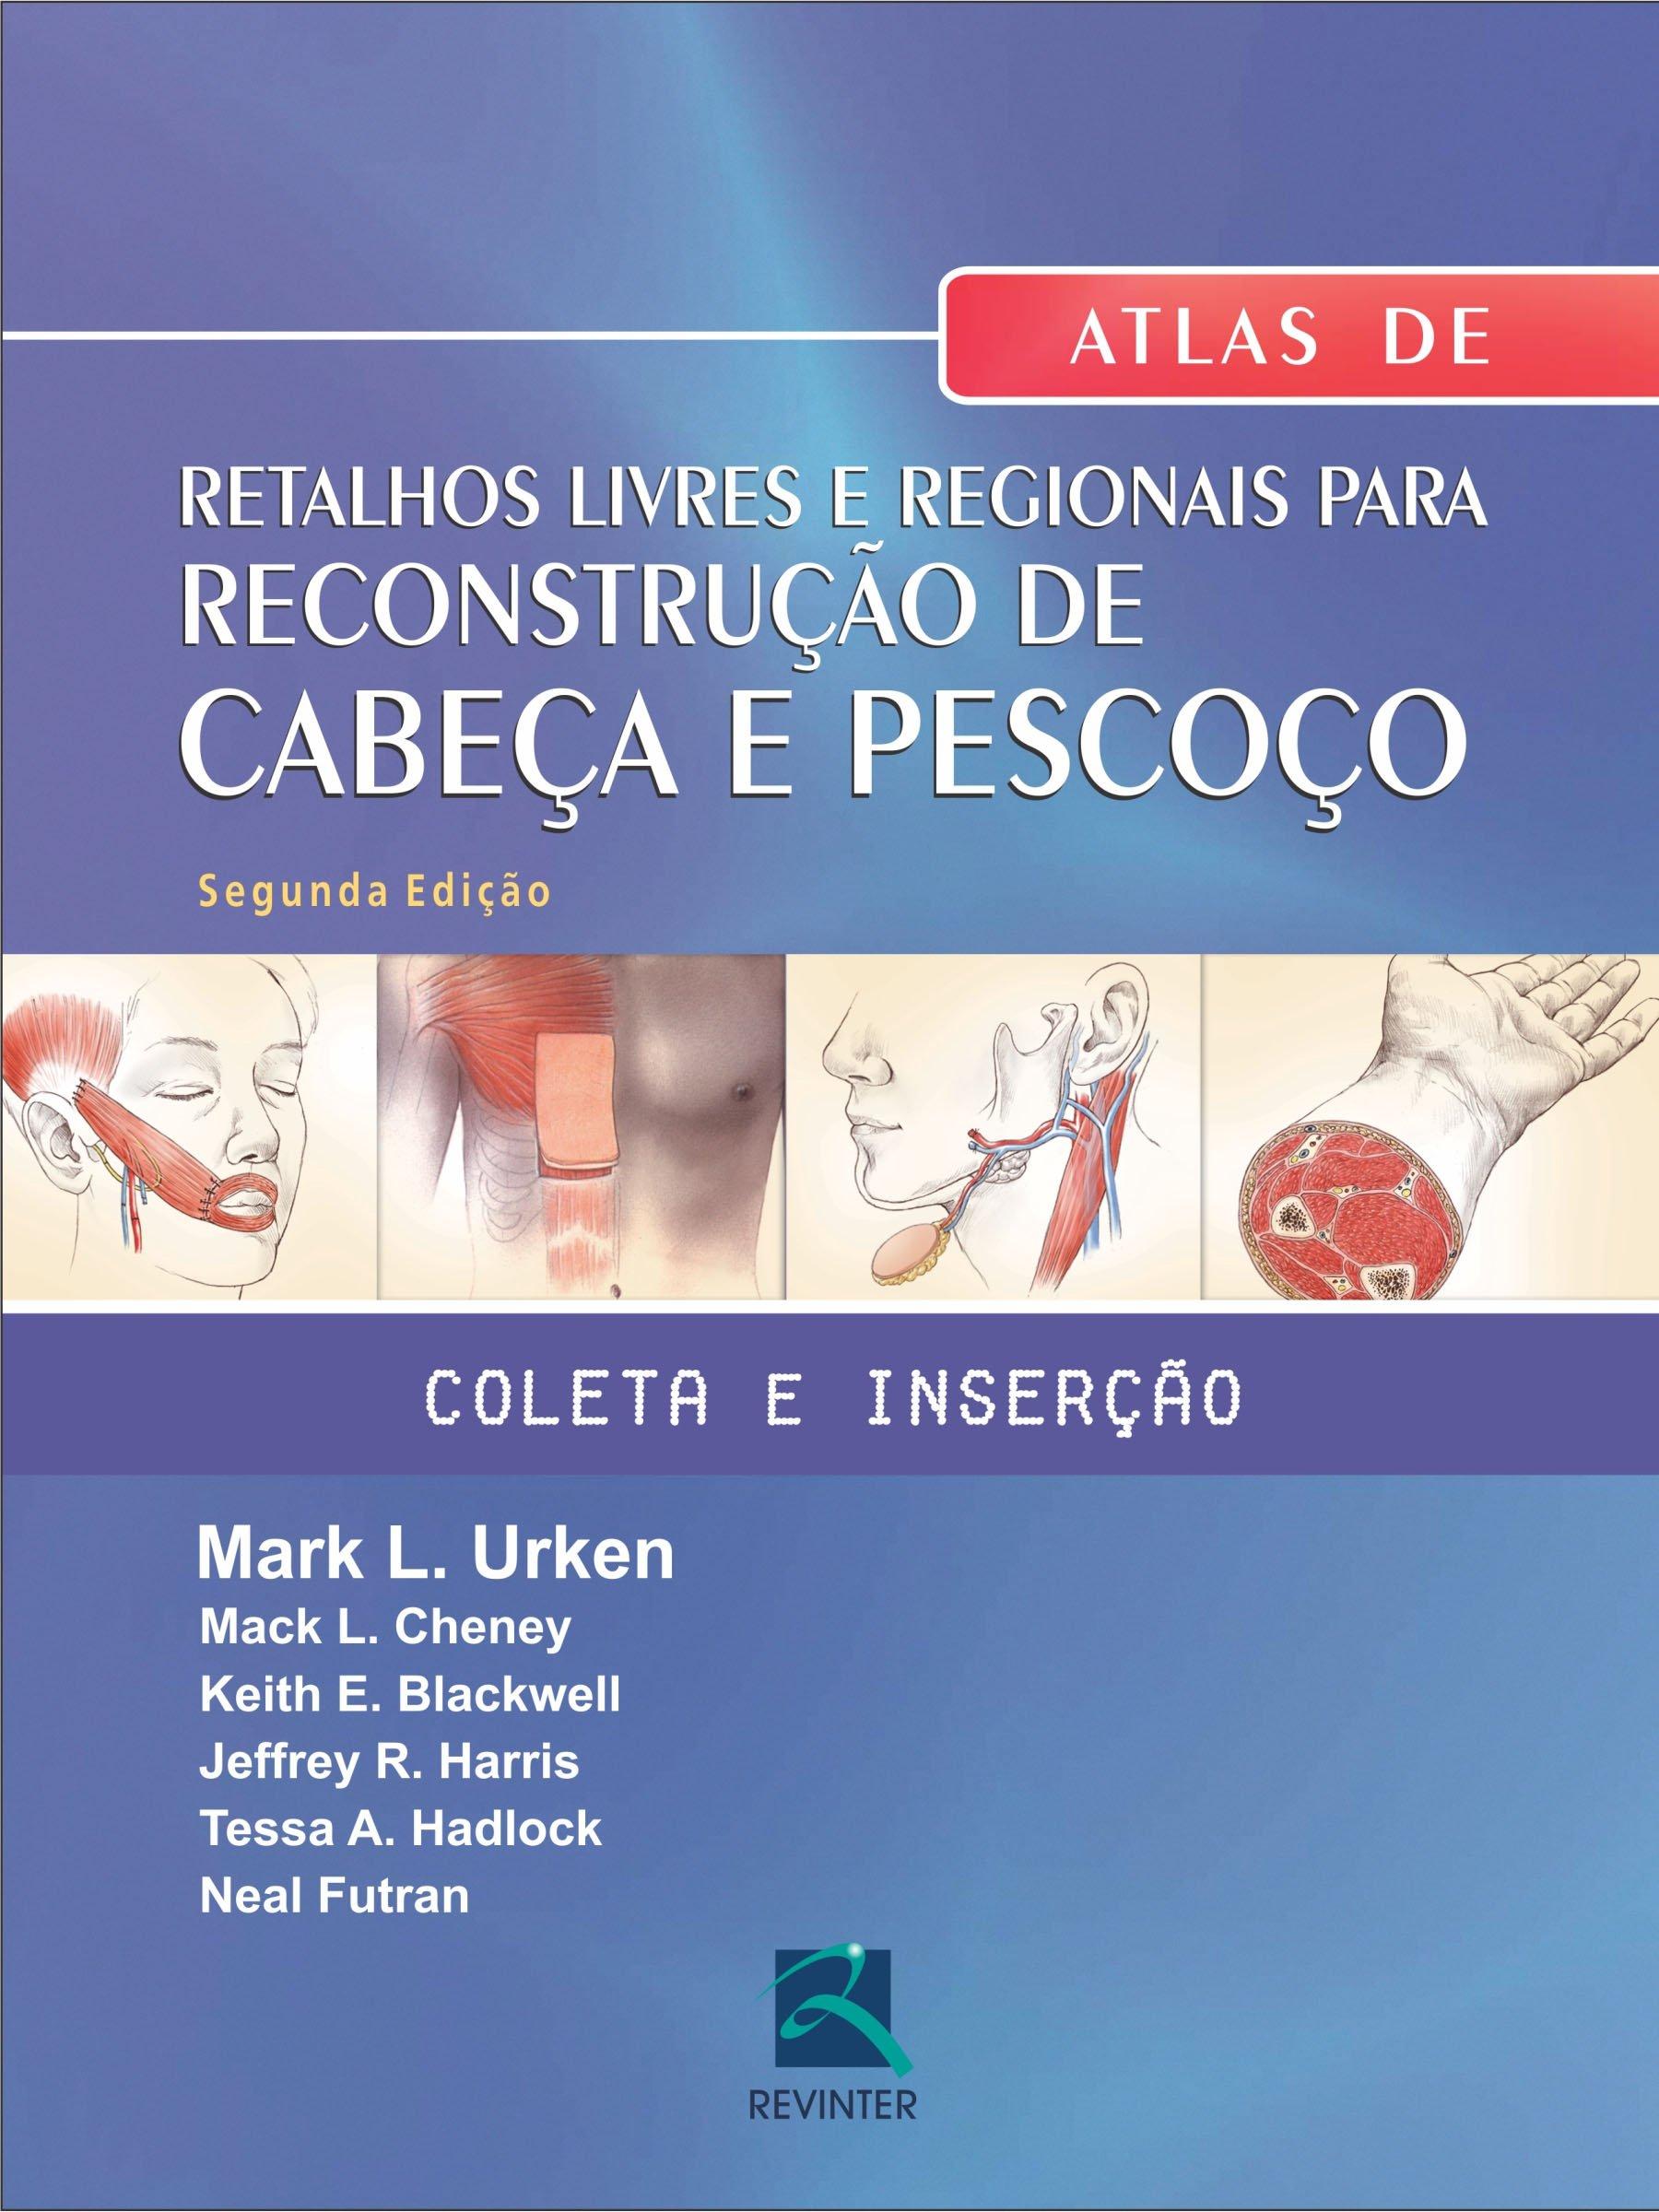 Atlas Retalhos Livres E Regionais Para Reconstrucao De Cabeca E Pescoc (Portuguese Brazilian) Hardcover – 2013